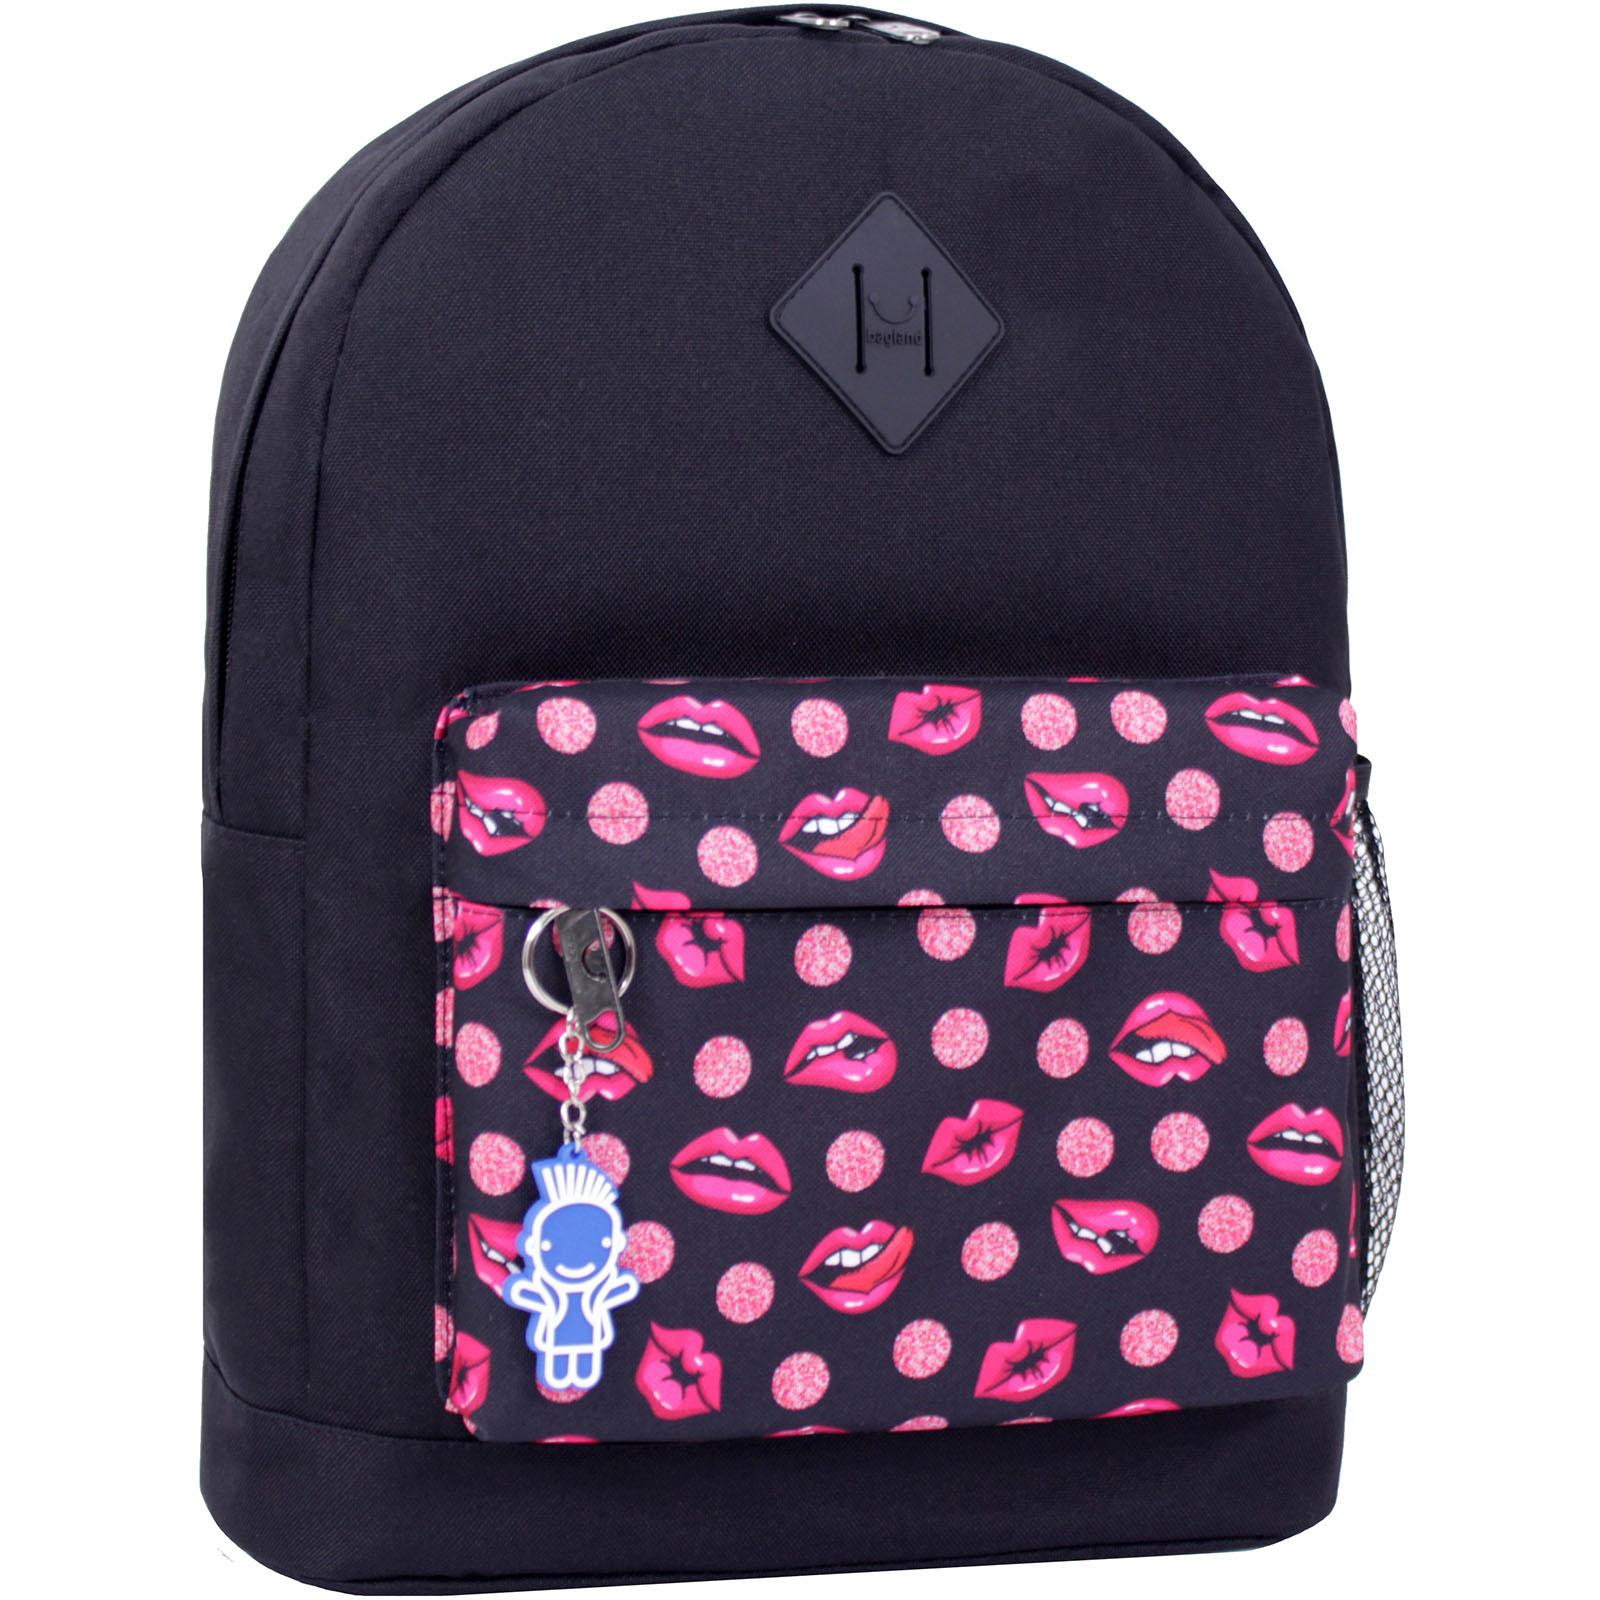 Городские рюкзаки Рюкзак Bagland Молодежный W/R 17 л. черный 487 (00533662) IMG_2387_суб.487_.JPG